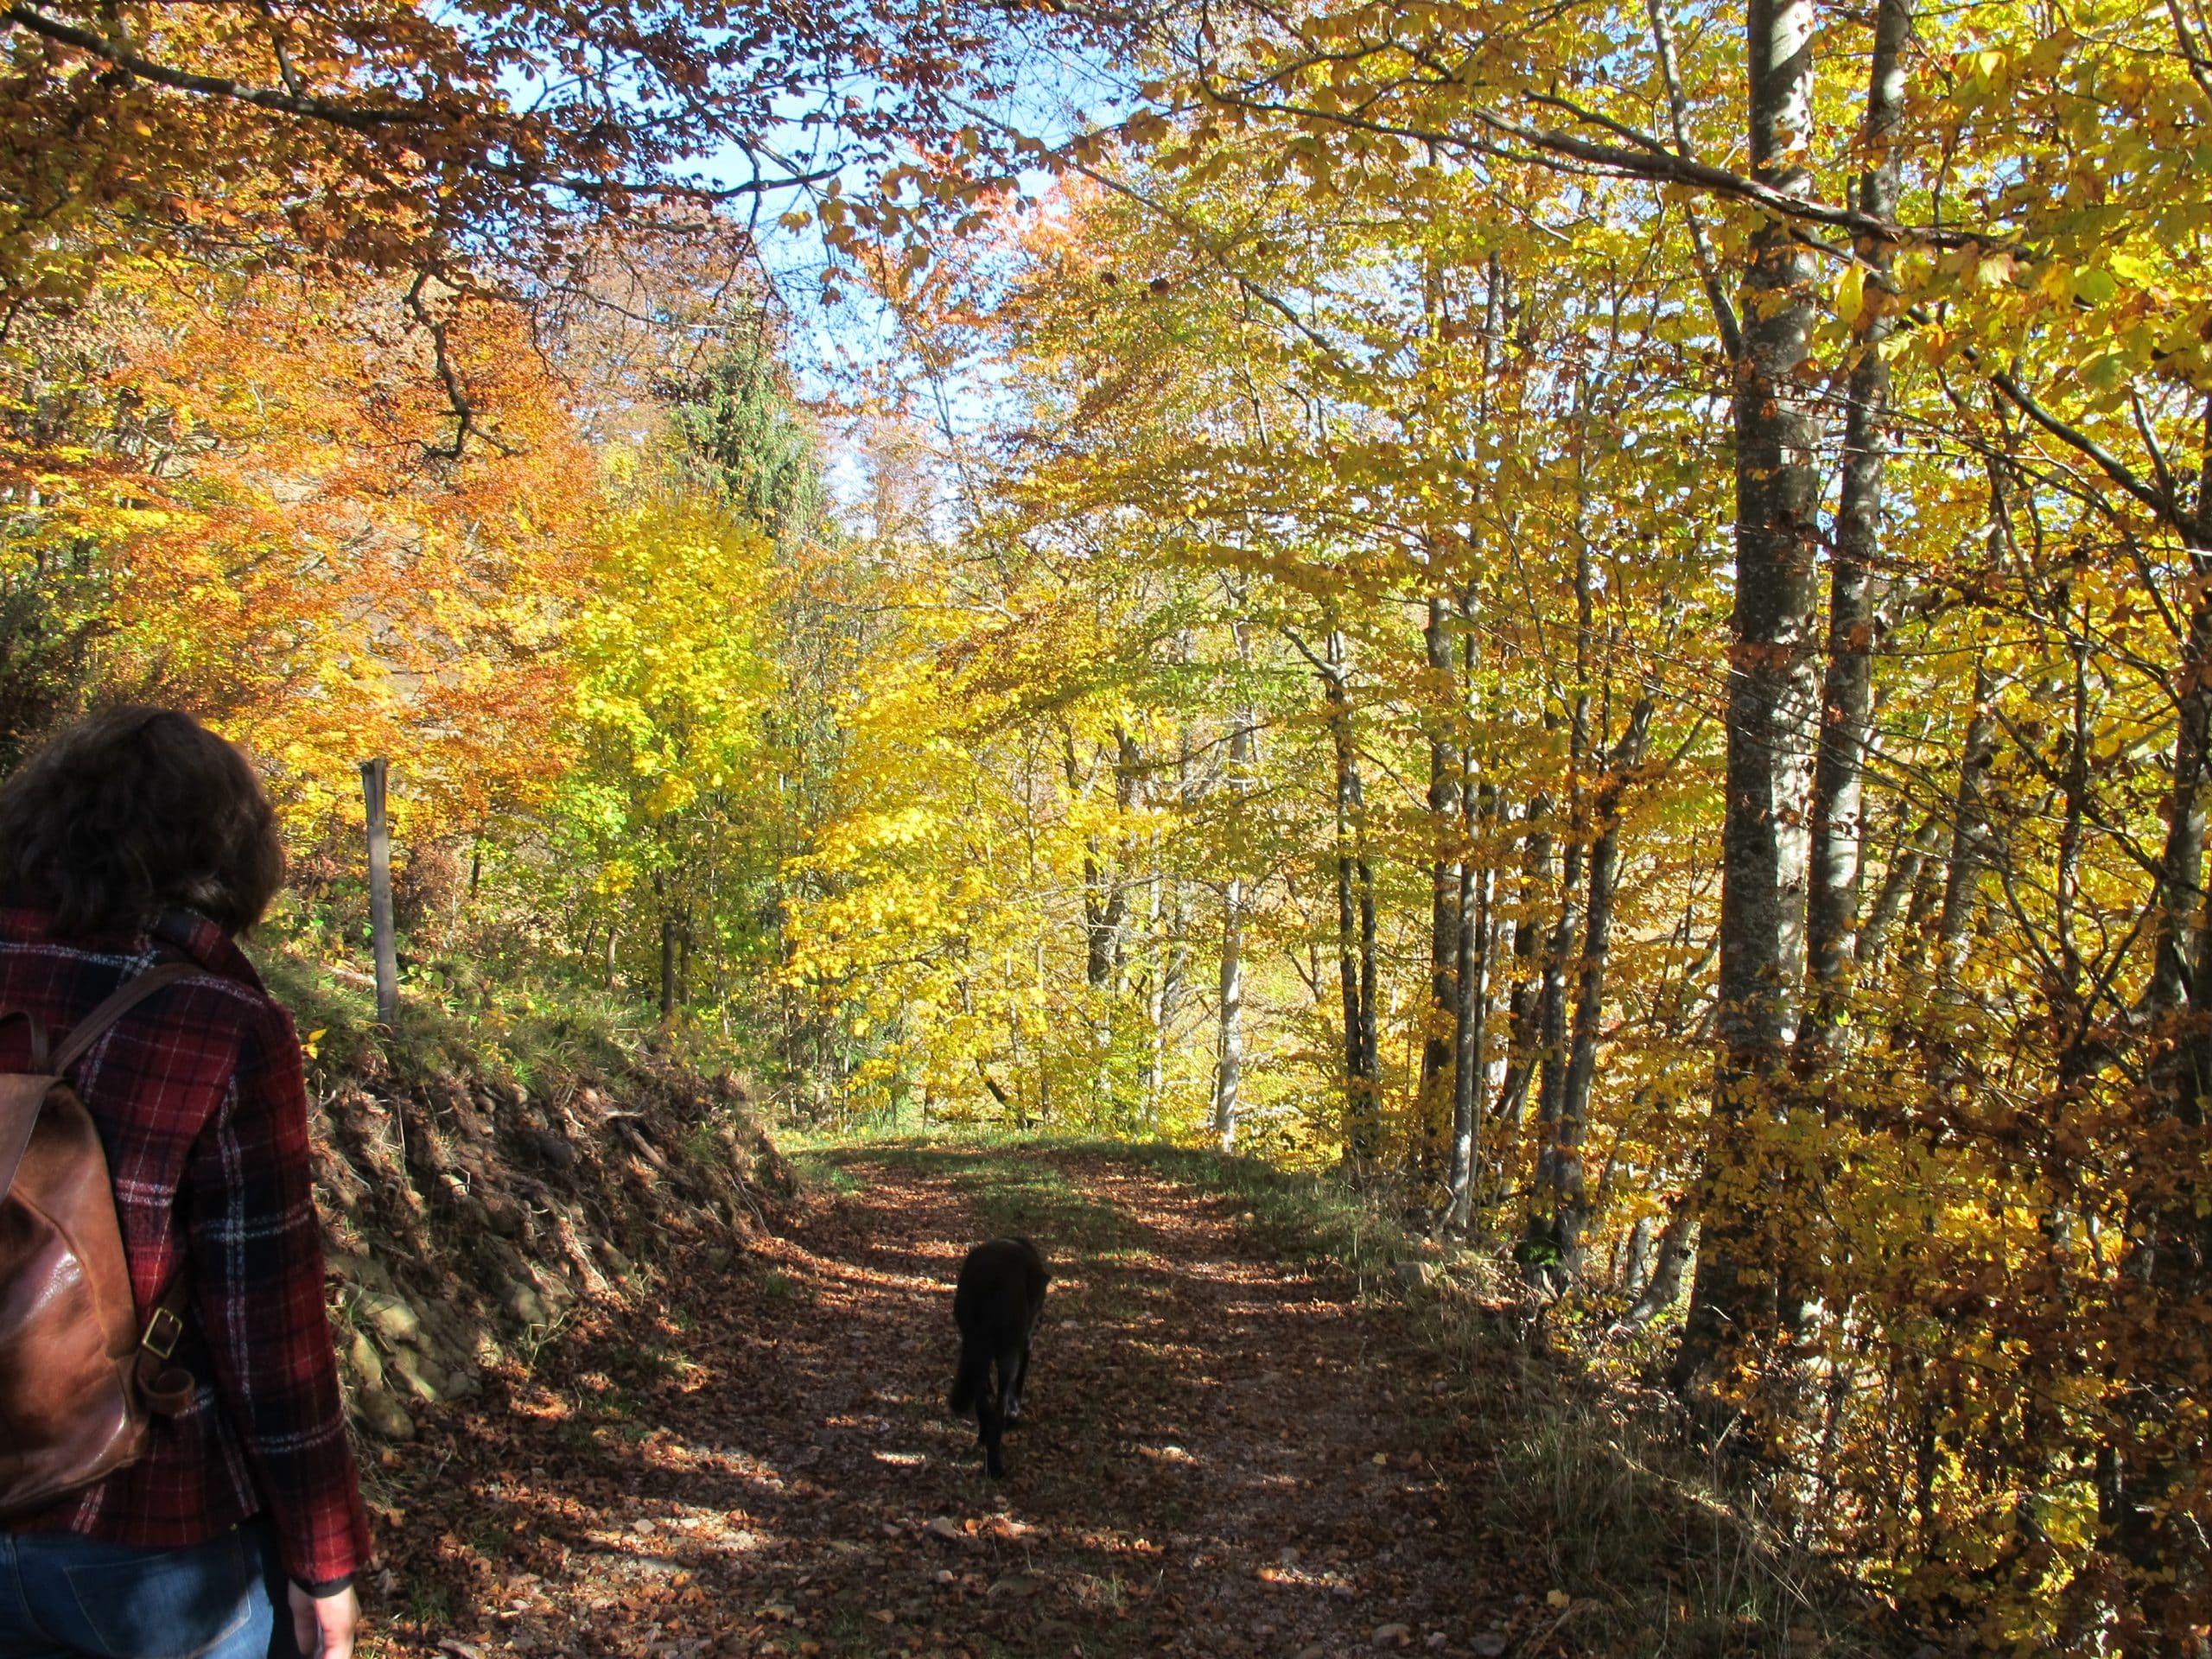 Herbstliches Atmosphere beim Wandercoaching